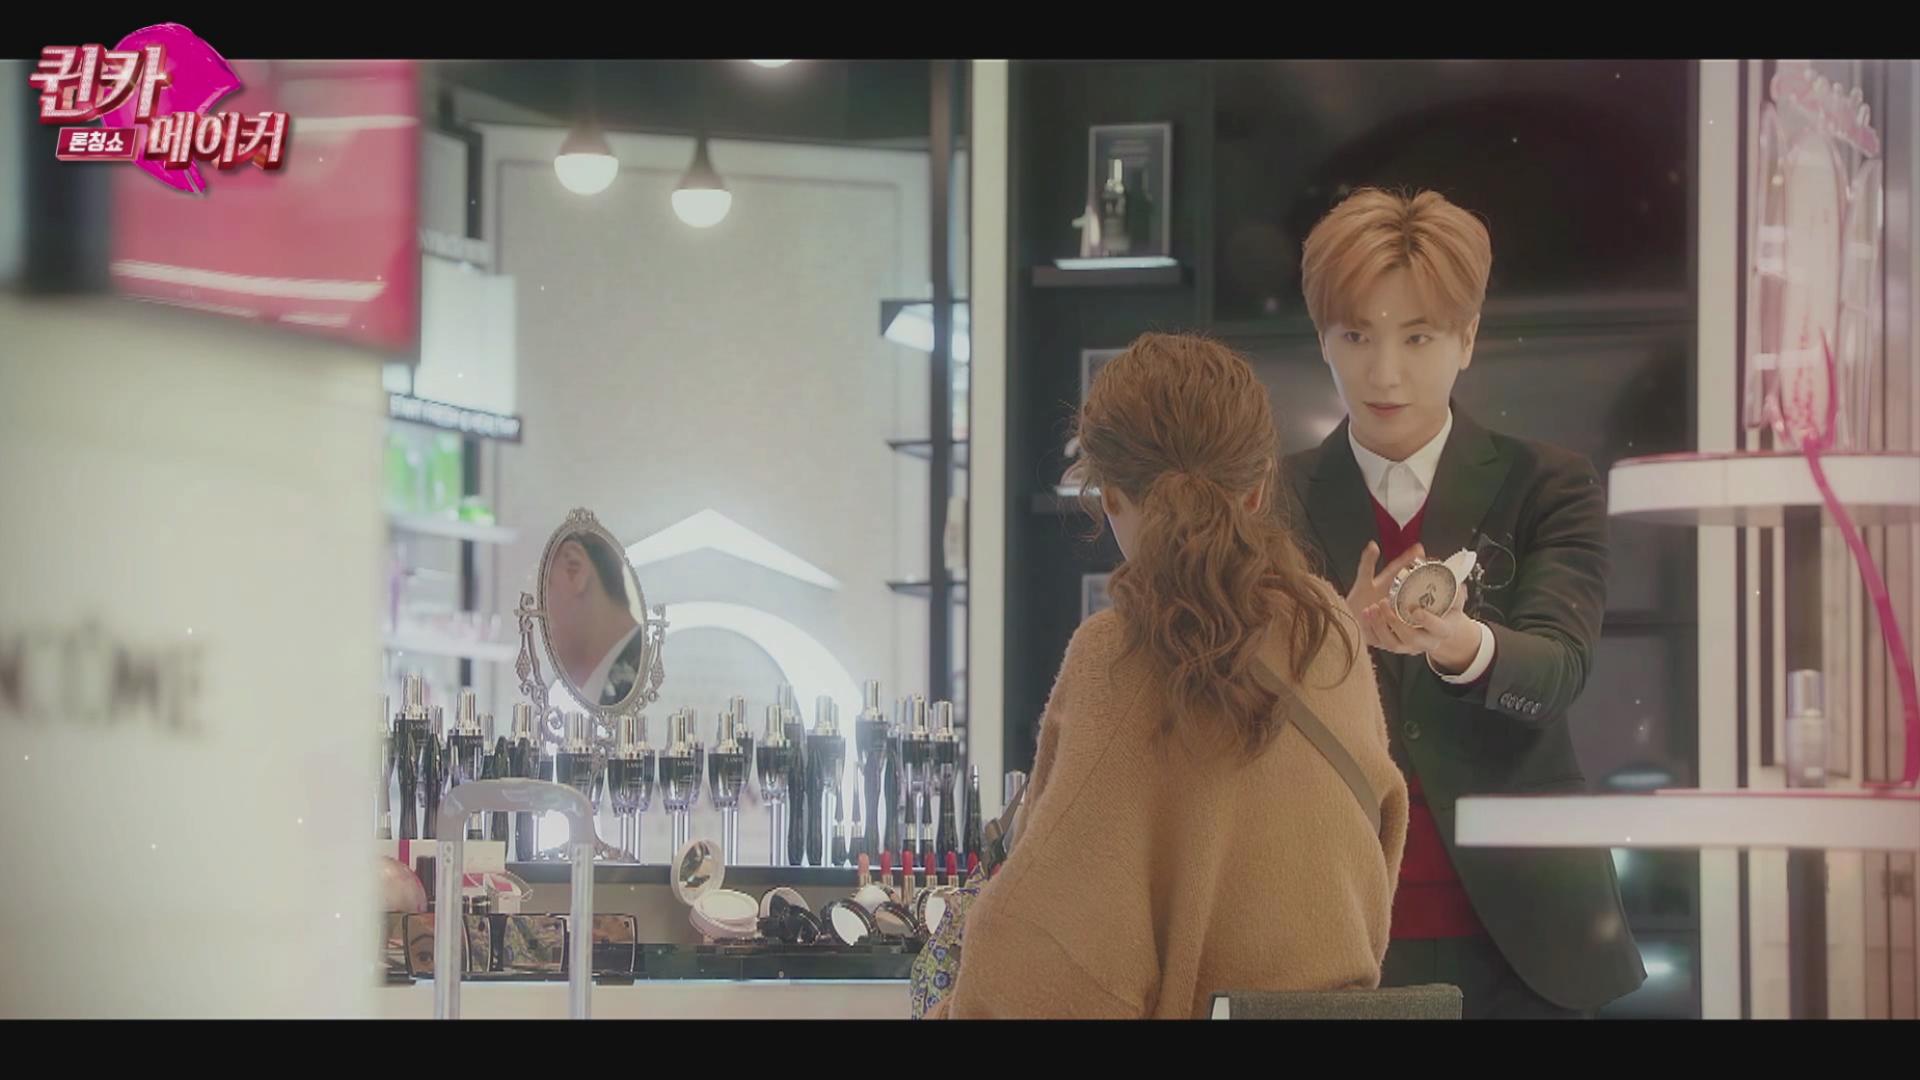 '퀸카 메이커' 런칭쇼 with SUPER JUNIOR Teaser